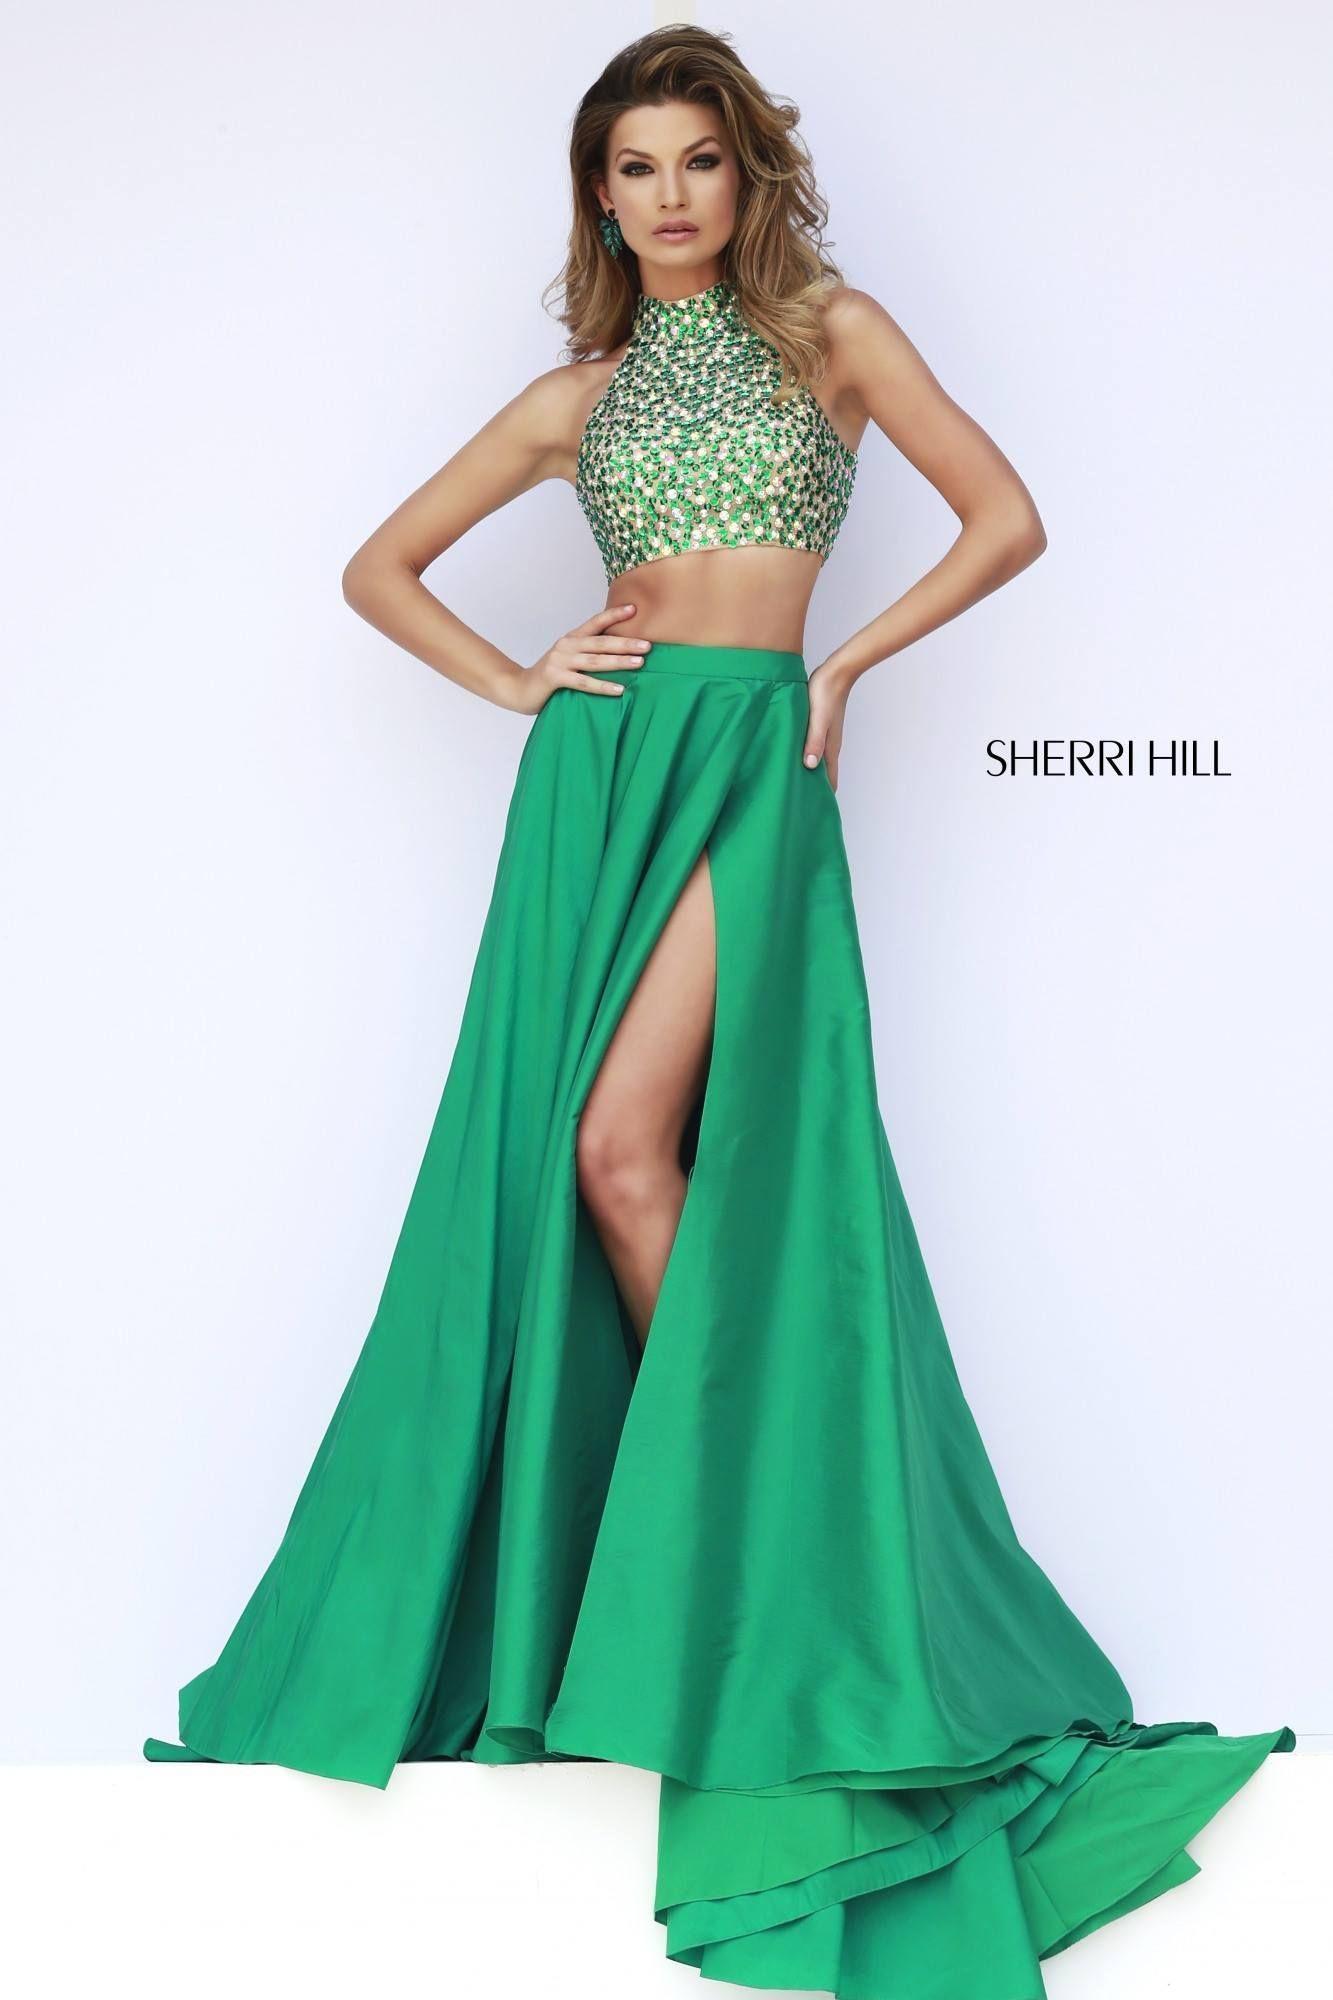 Sherri Hill 32020 | Dance Dresses | Pinterest | Prom, Formal and ...